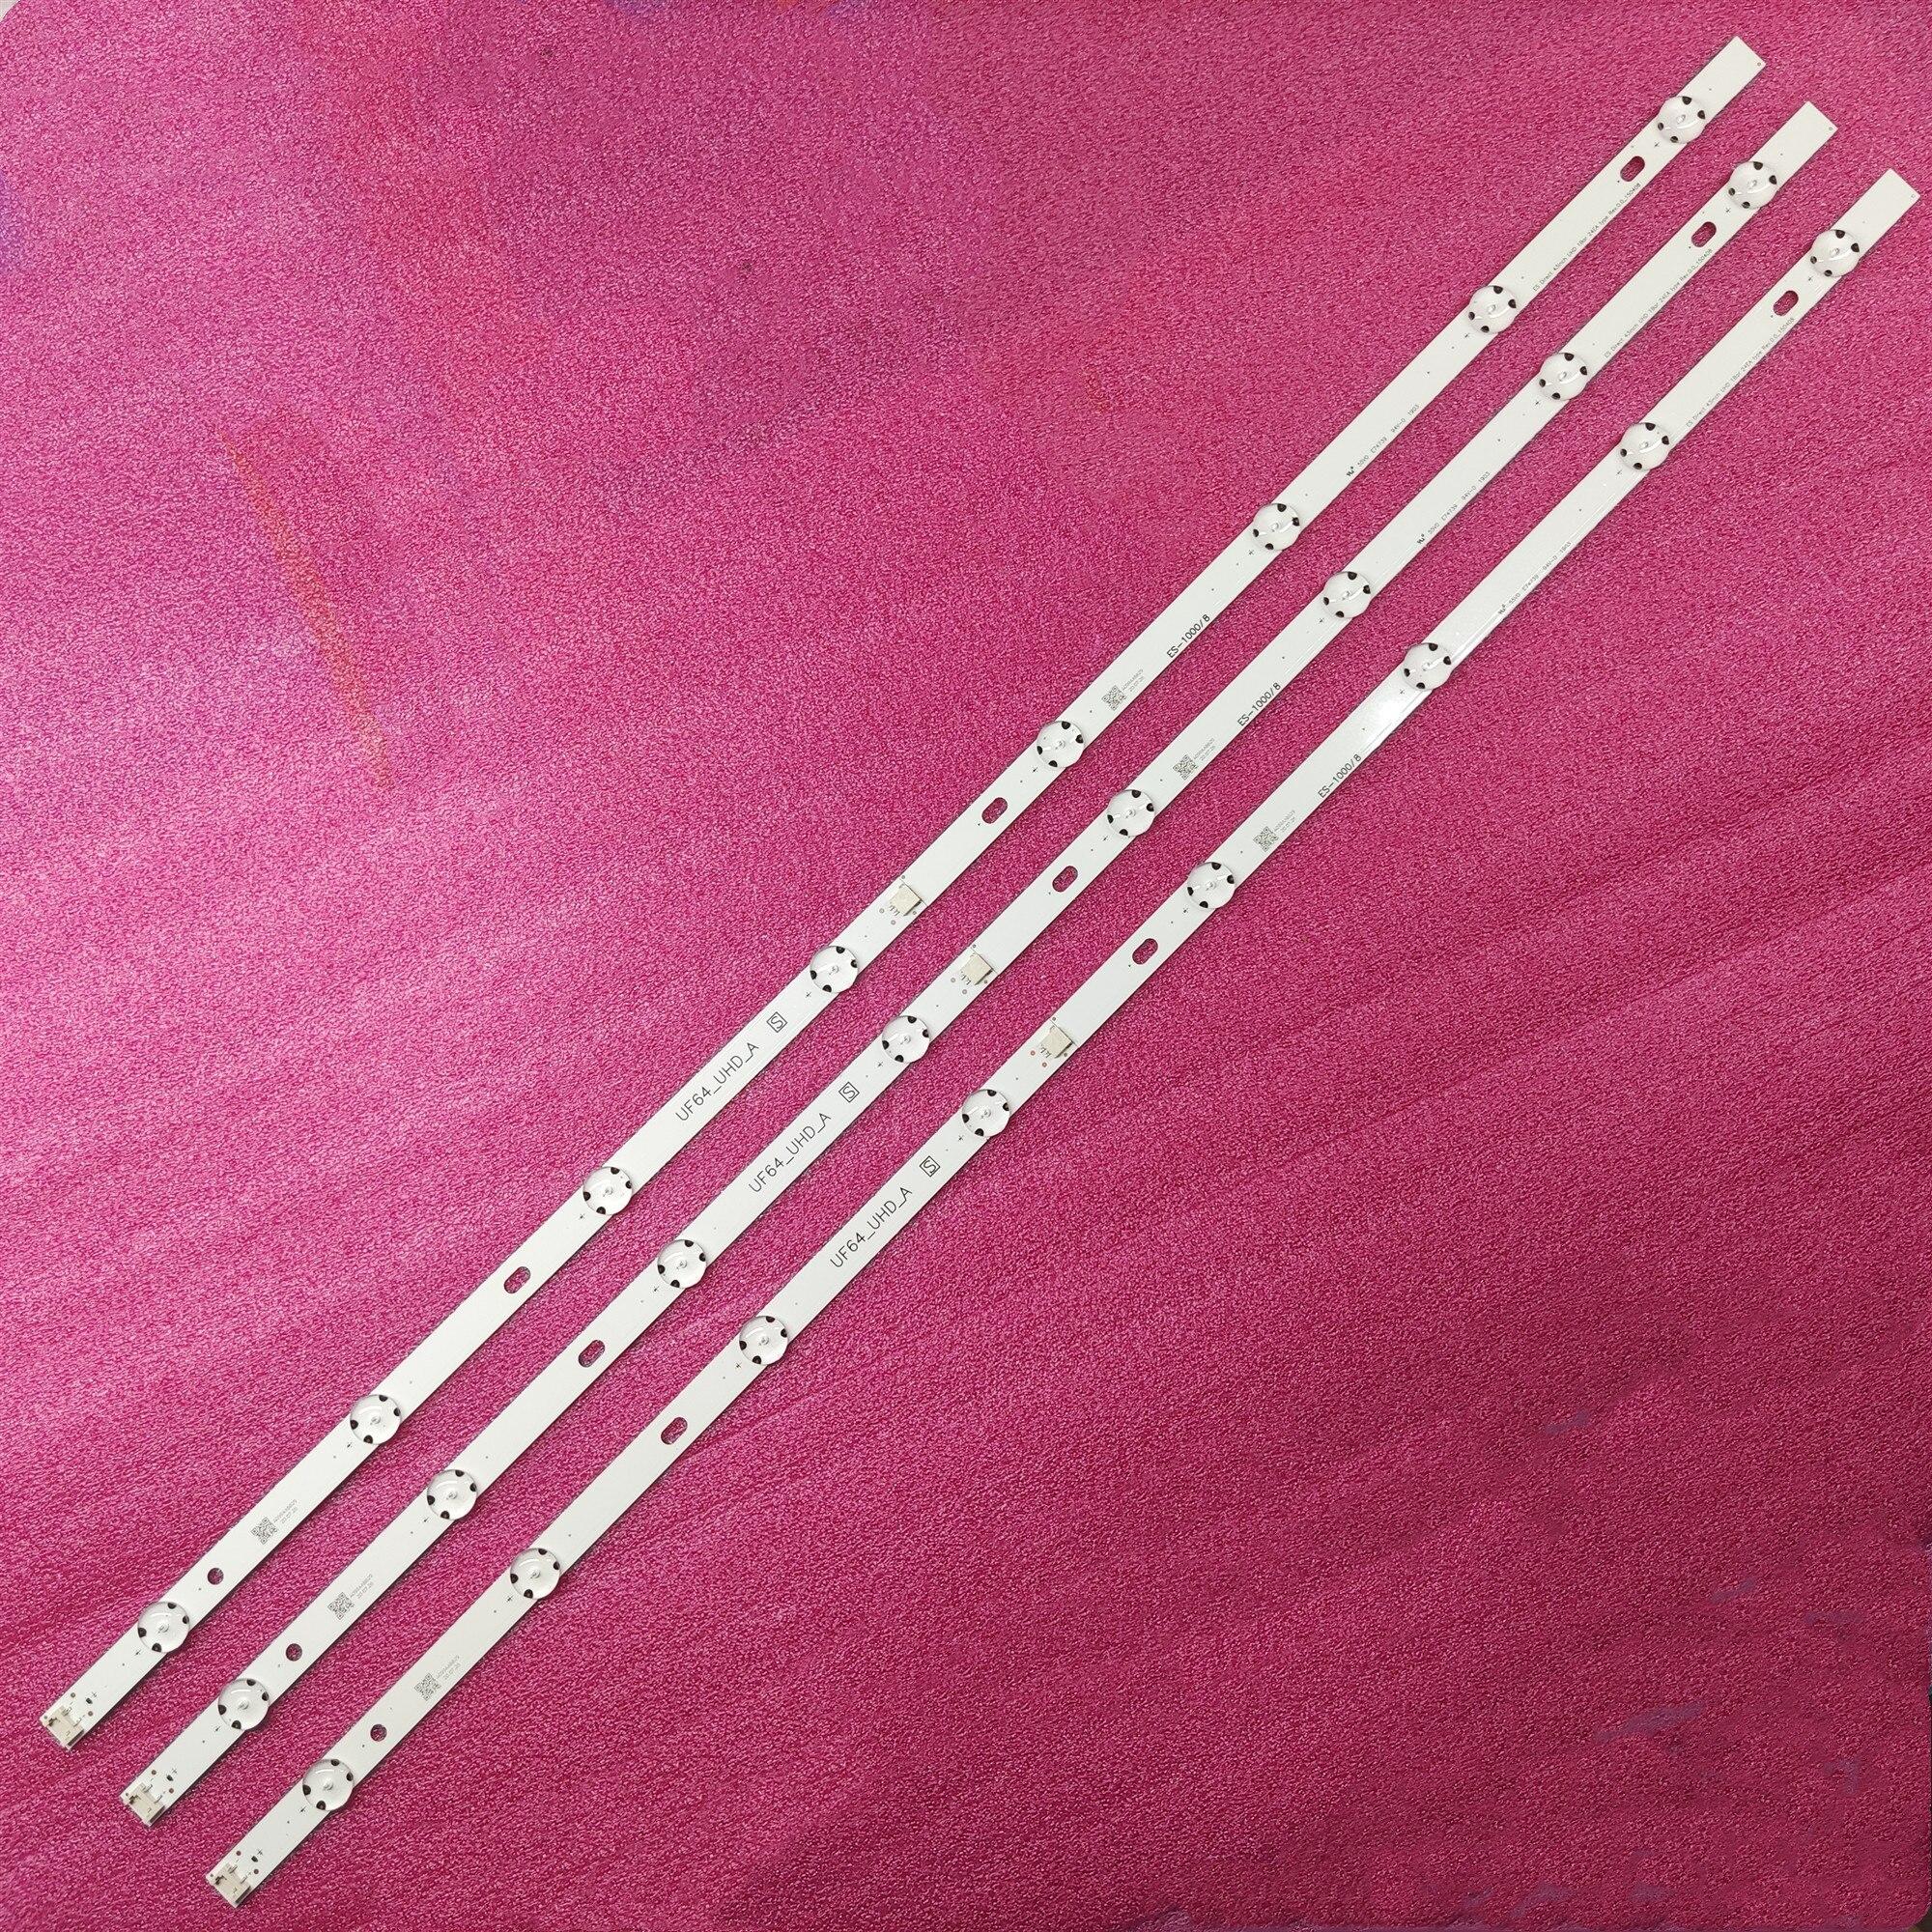 3 PCS tira retroiluminação LED para LG 43UF6407 43LH604V 43UH610V 43UH603V 43UH620V 43UH610A 43LH5700 43LH60_FHD_A Tipo UF64_UHD_A